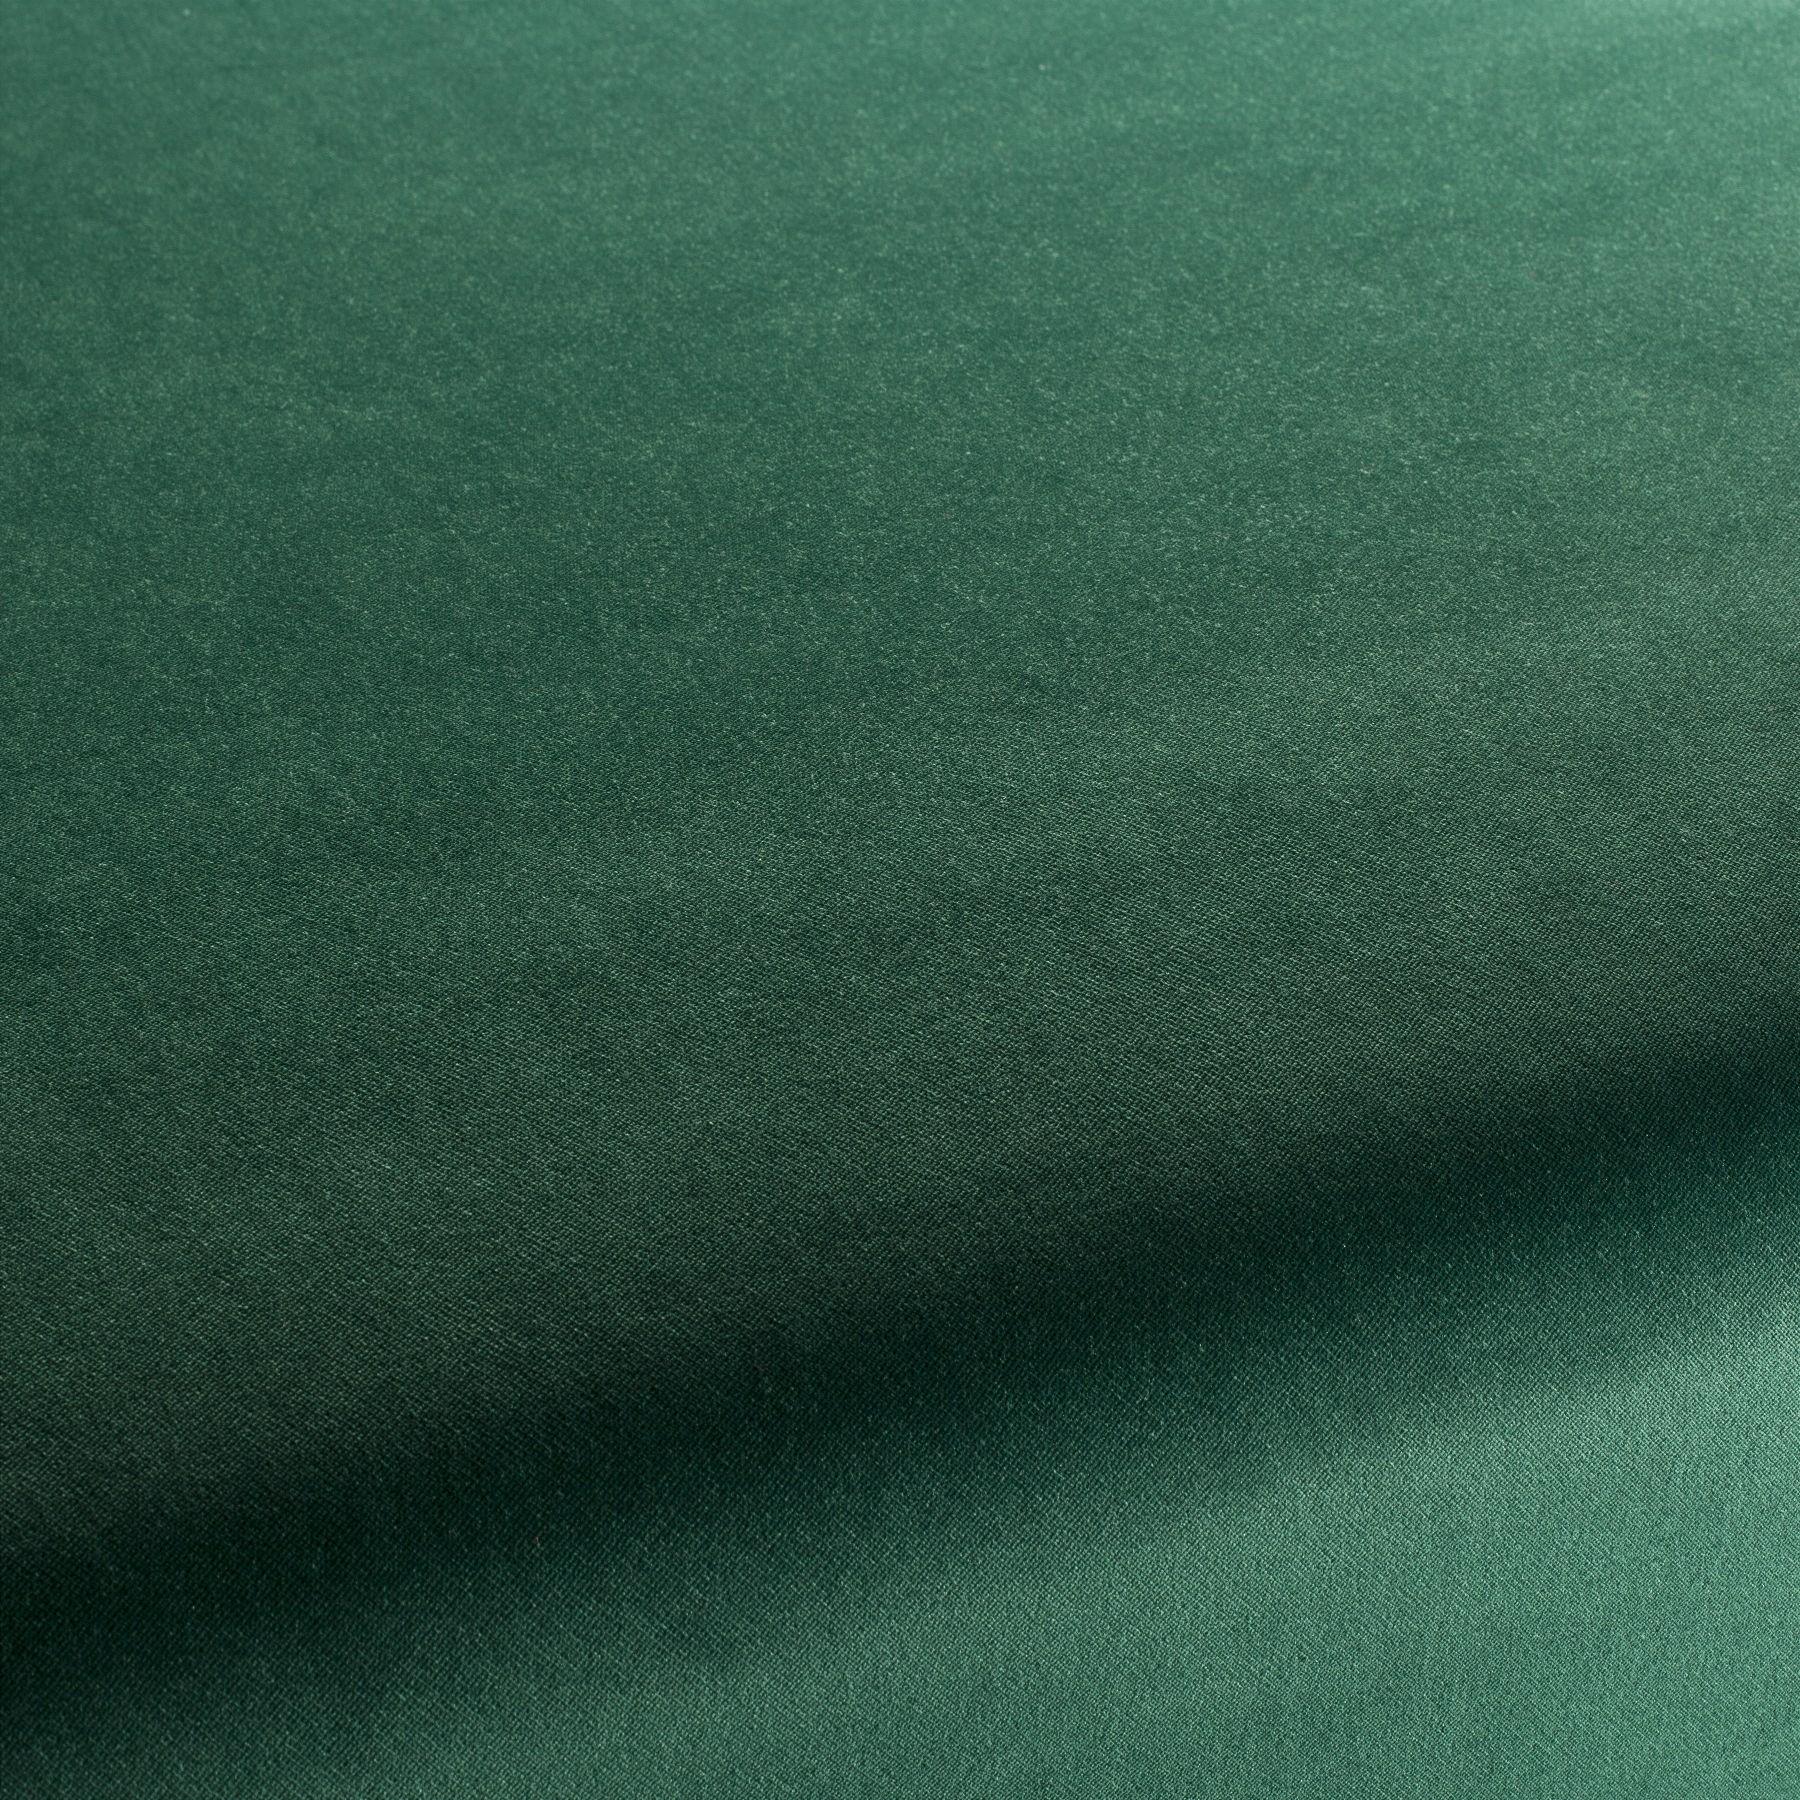 upholstery fabric allure velvet ca1357 033 jab anstoetz